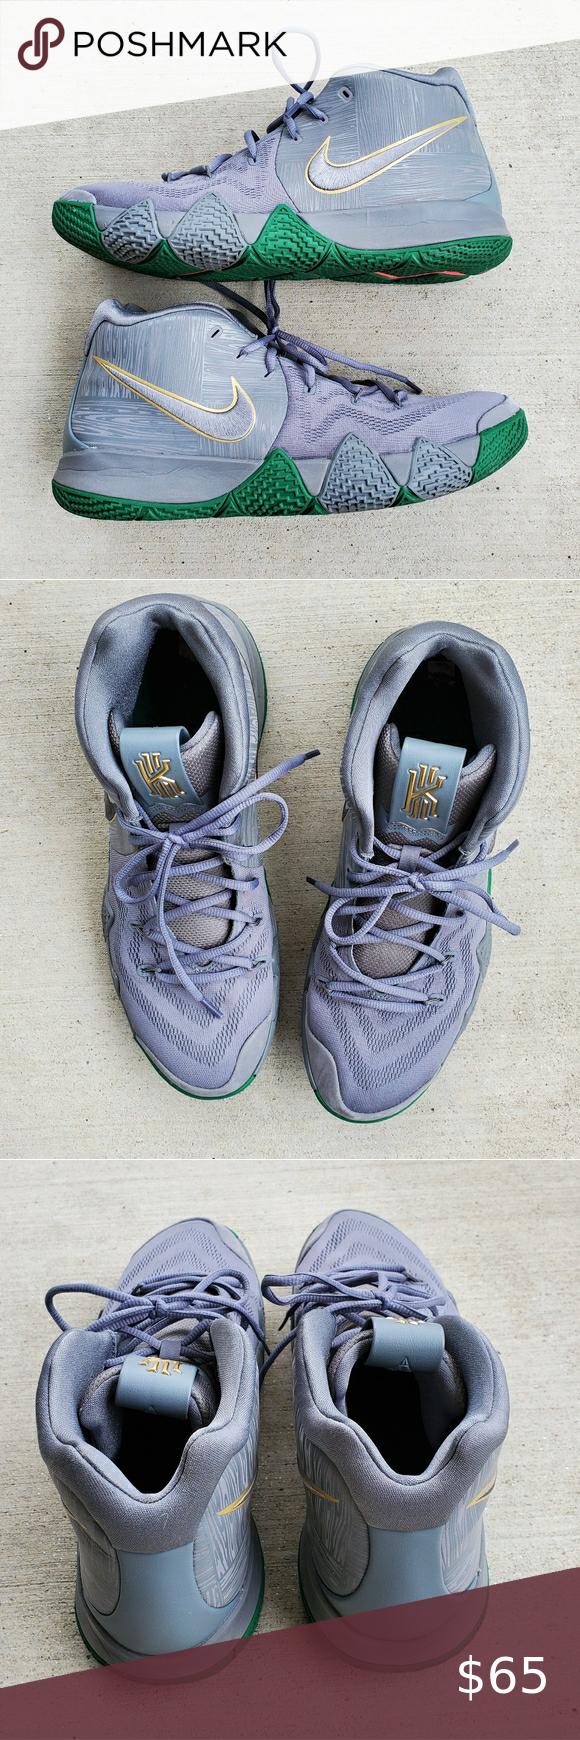 Kyrir 4 City Guardian sneakers in 2020